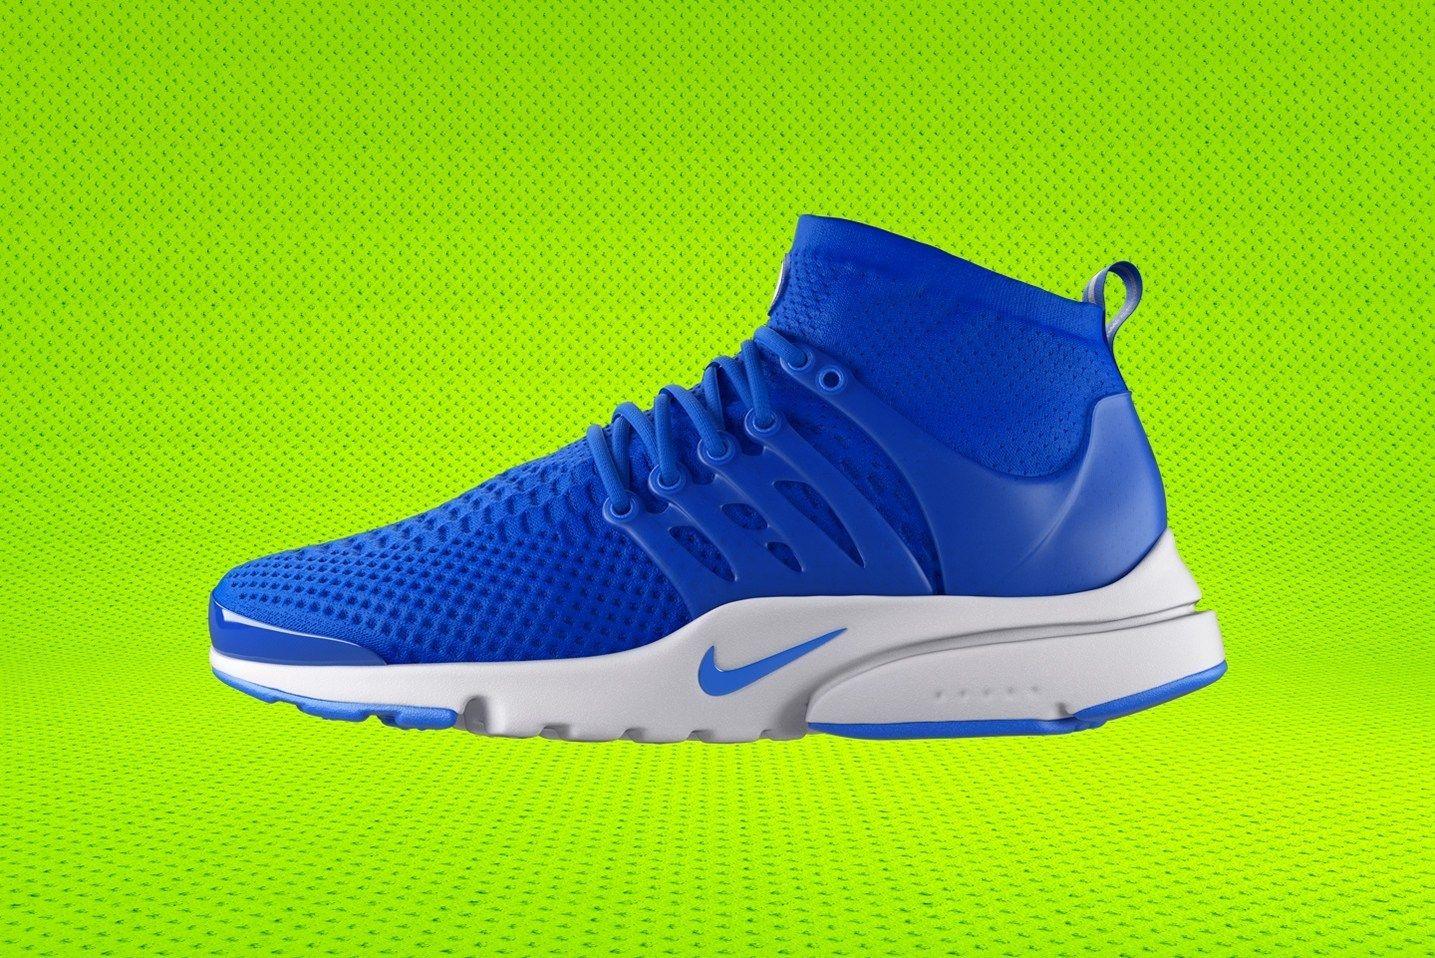 Nike Air Presto Ultra Flyknit 全新鞋款:EST STORE